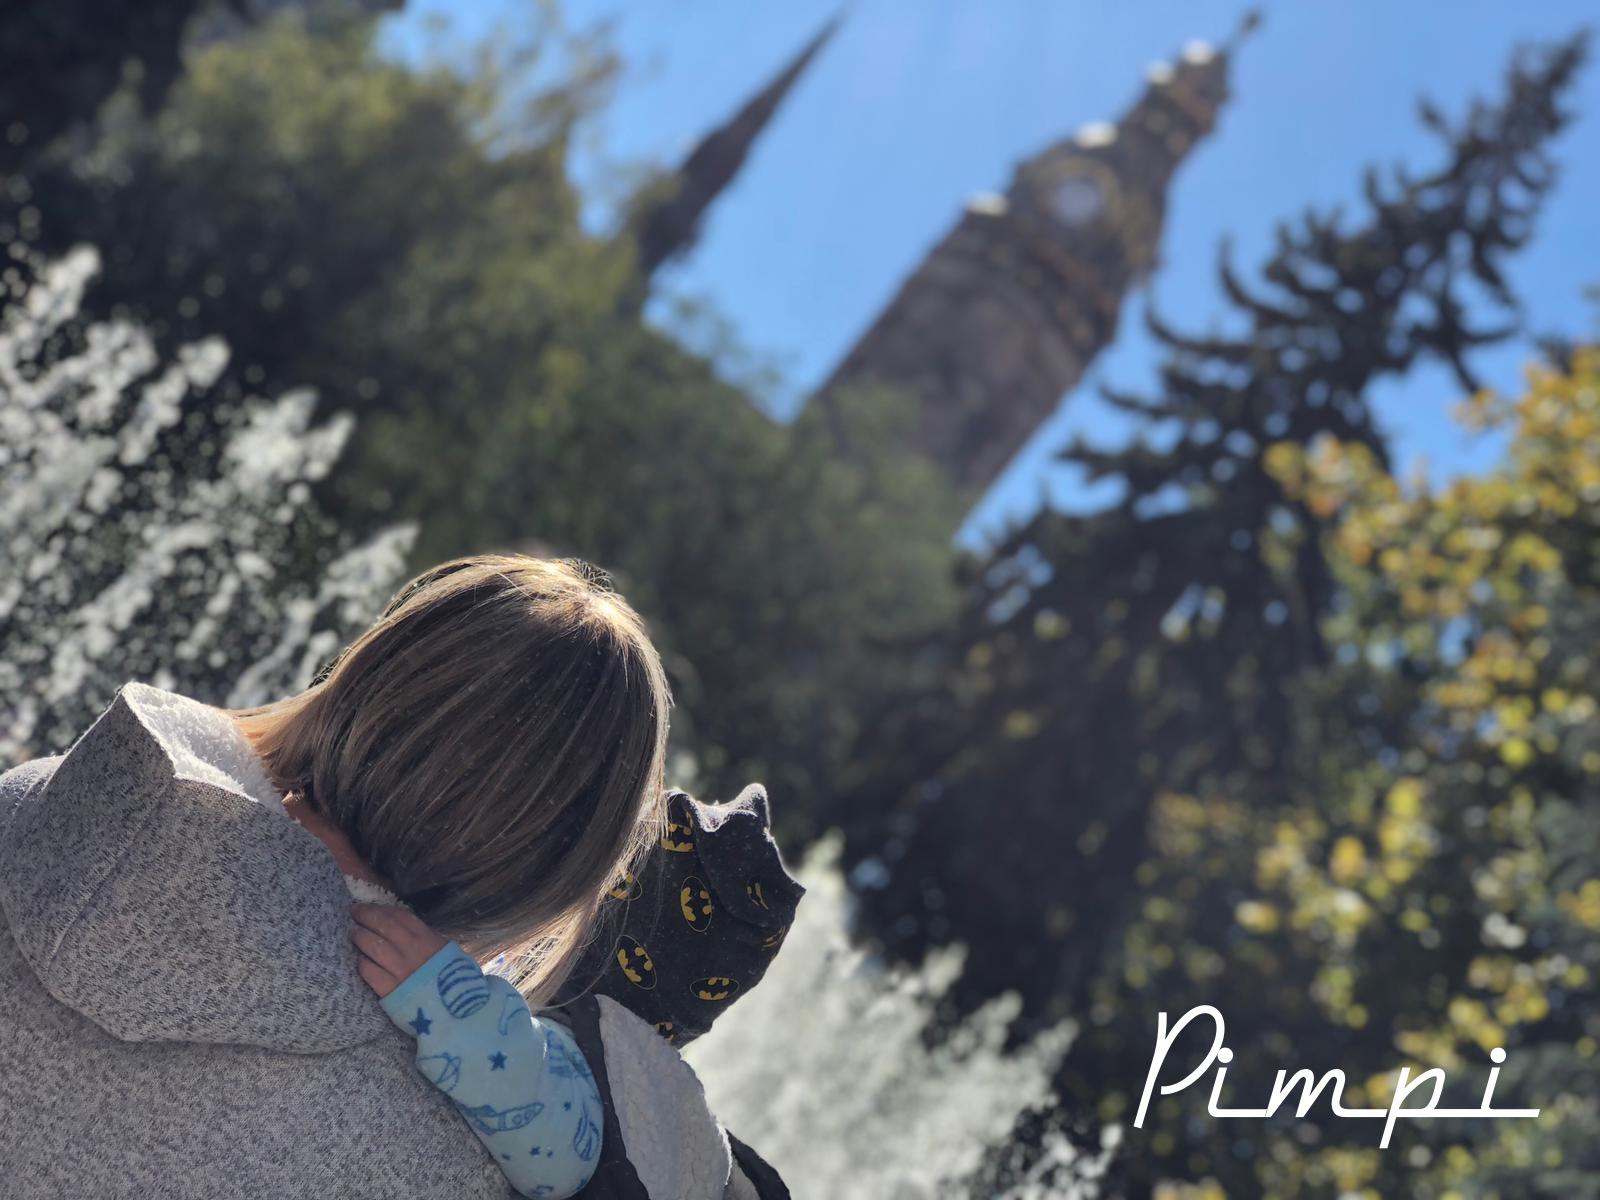 pimpi-bábo-bábätko-cestovanie-cestovanie s bábätko-názor-mama blog-nevychovaná matka-baby friendly-správanie-výchova-nevýchova